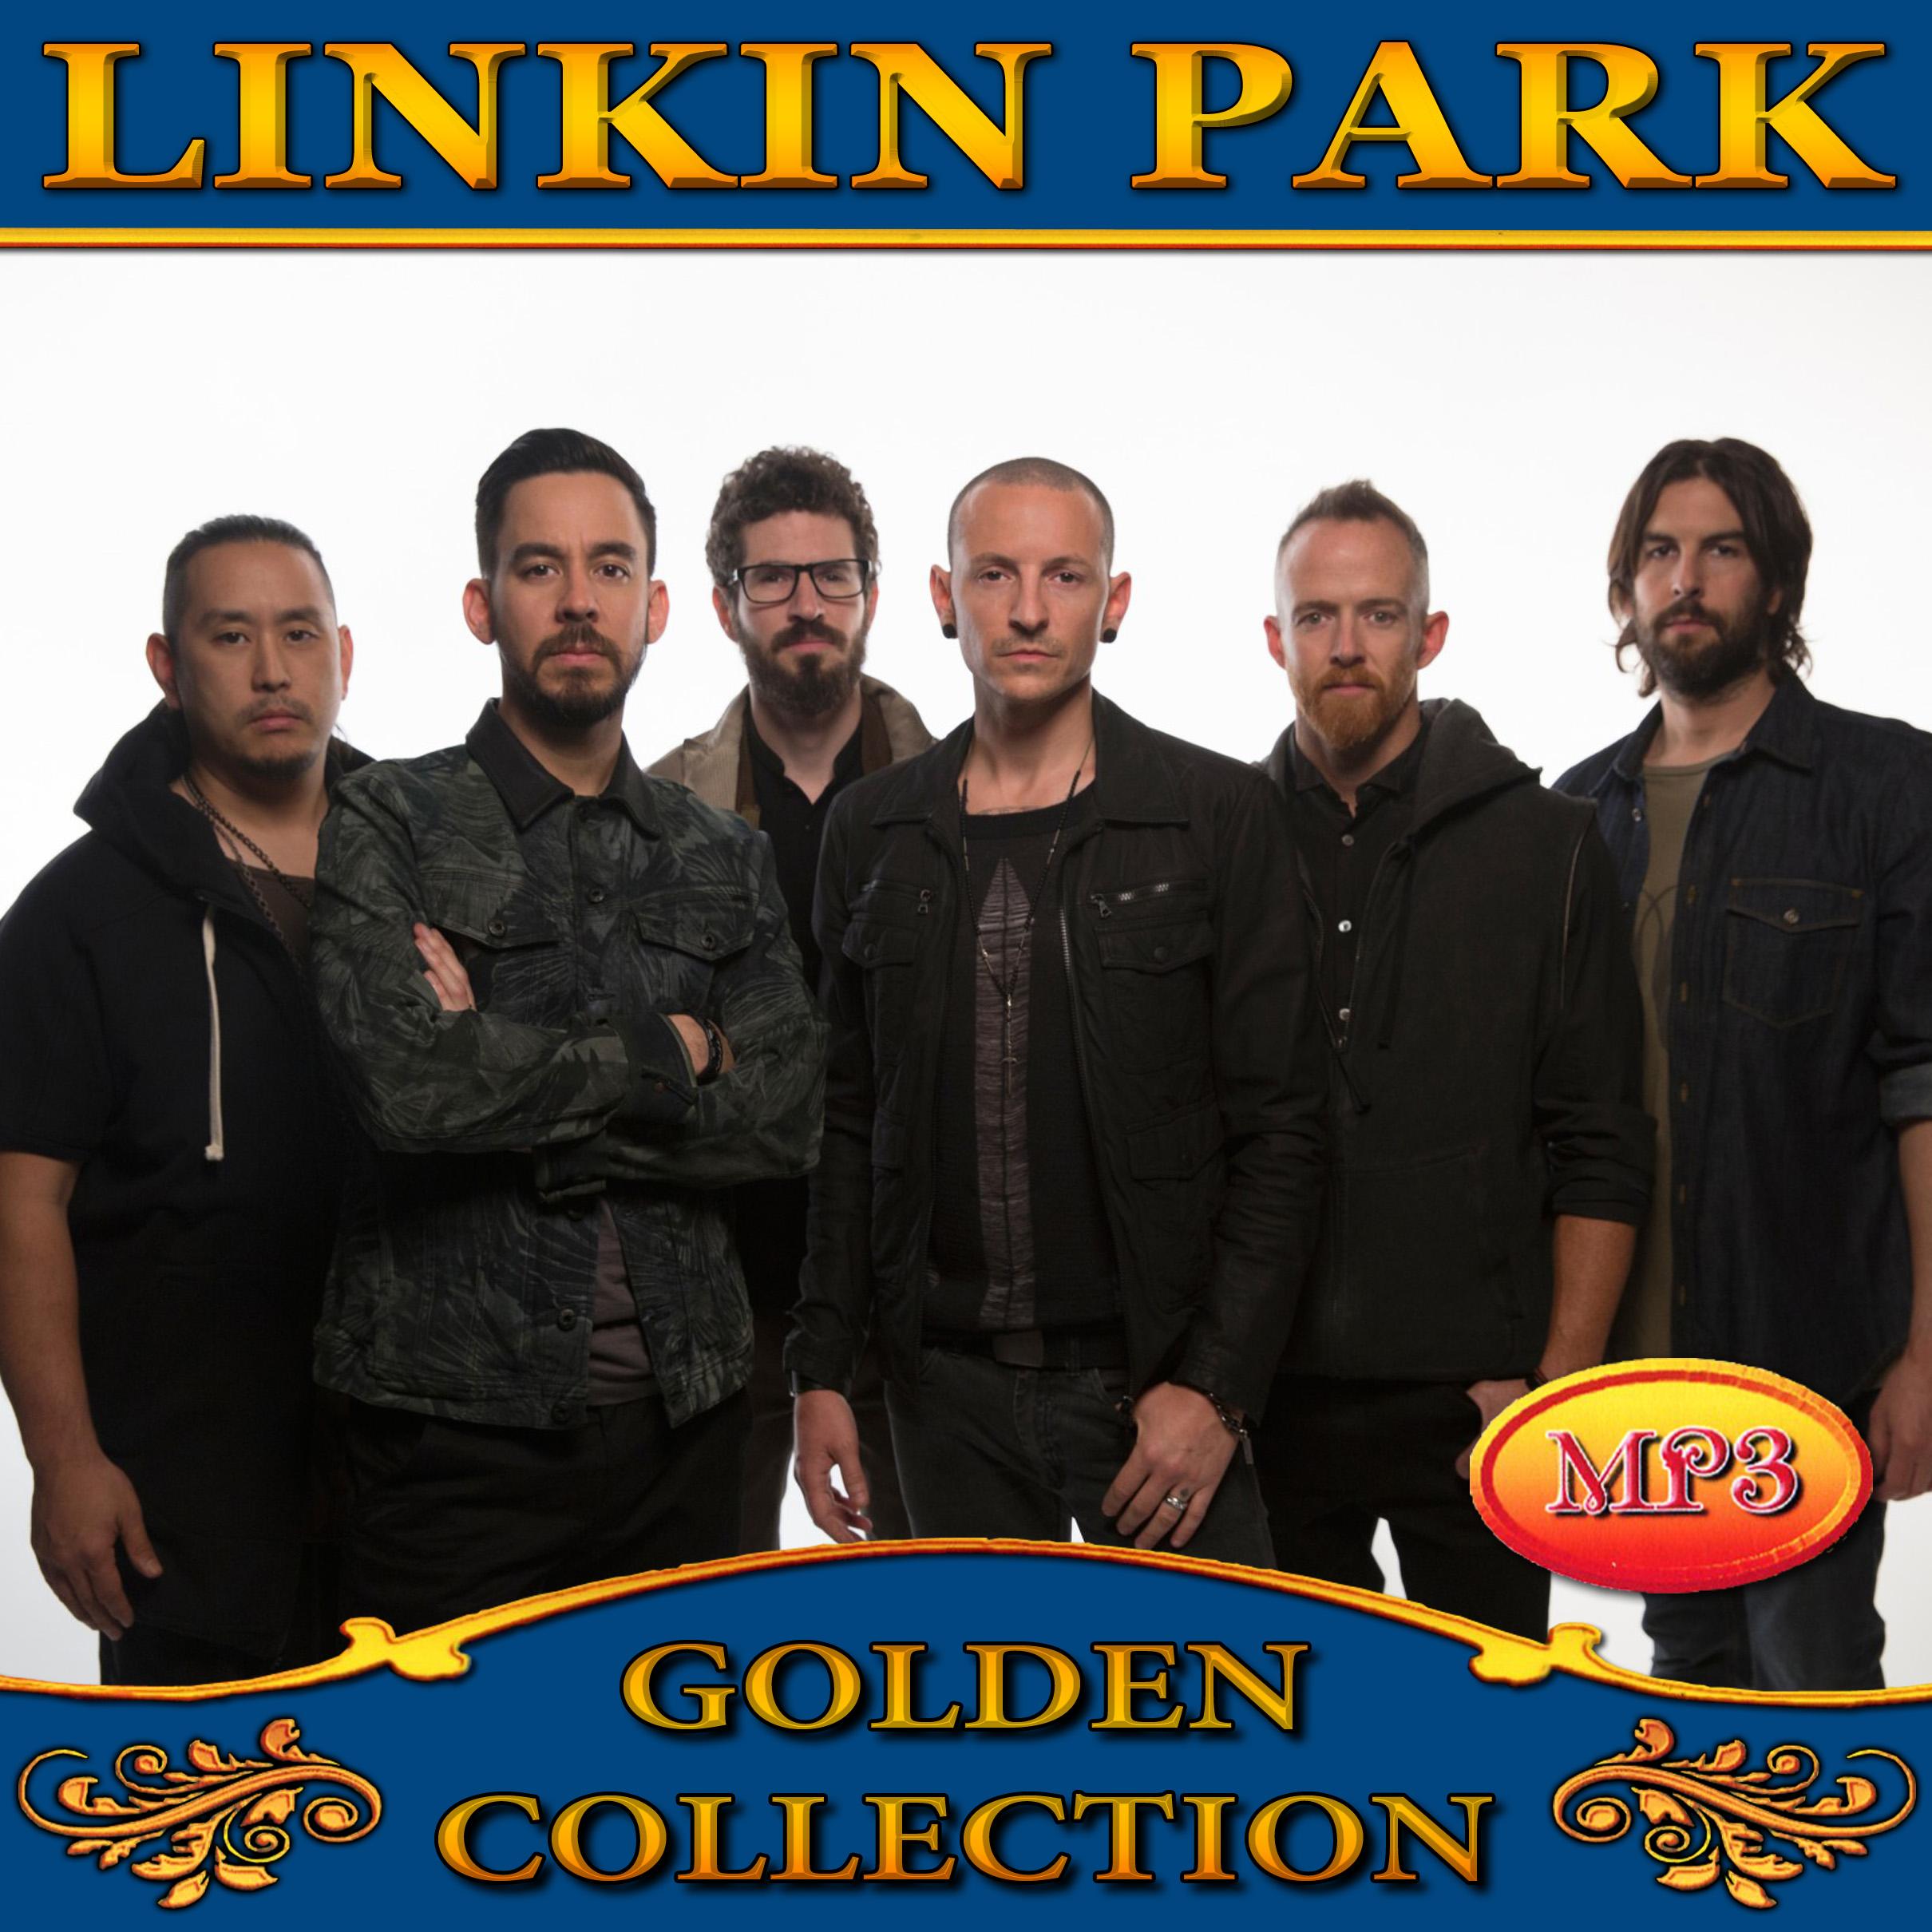 Linkin Park [mp3]